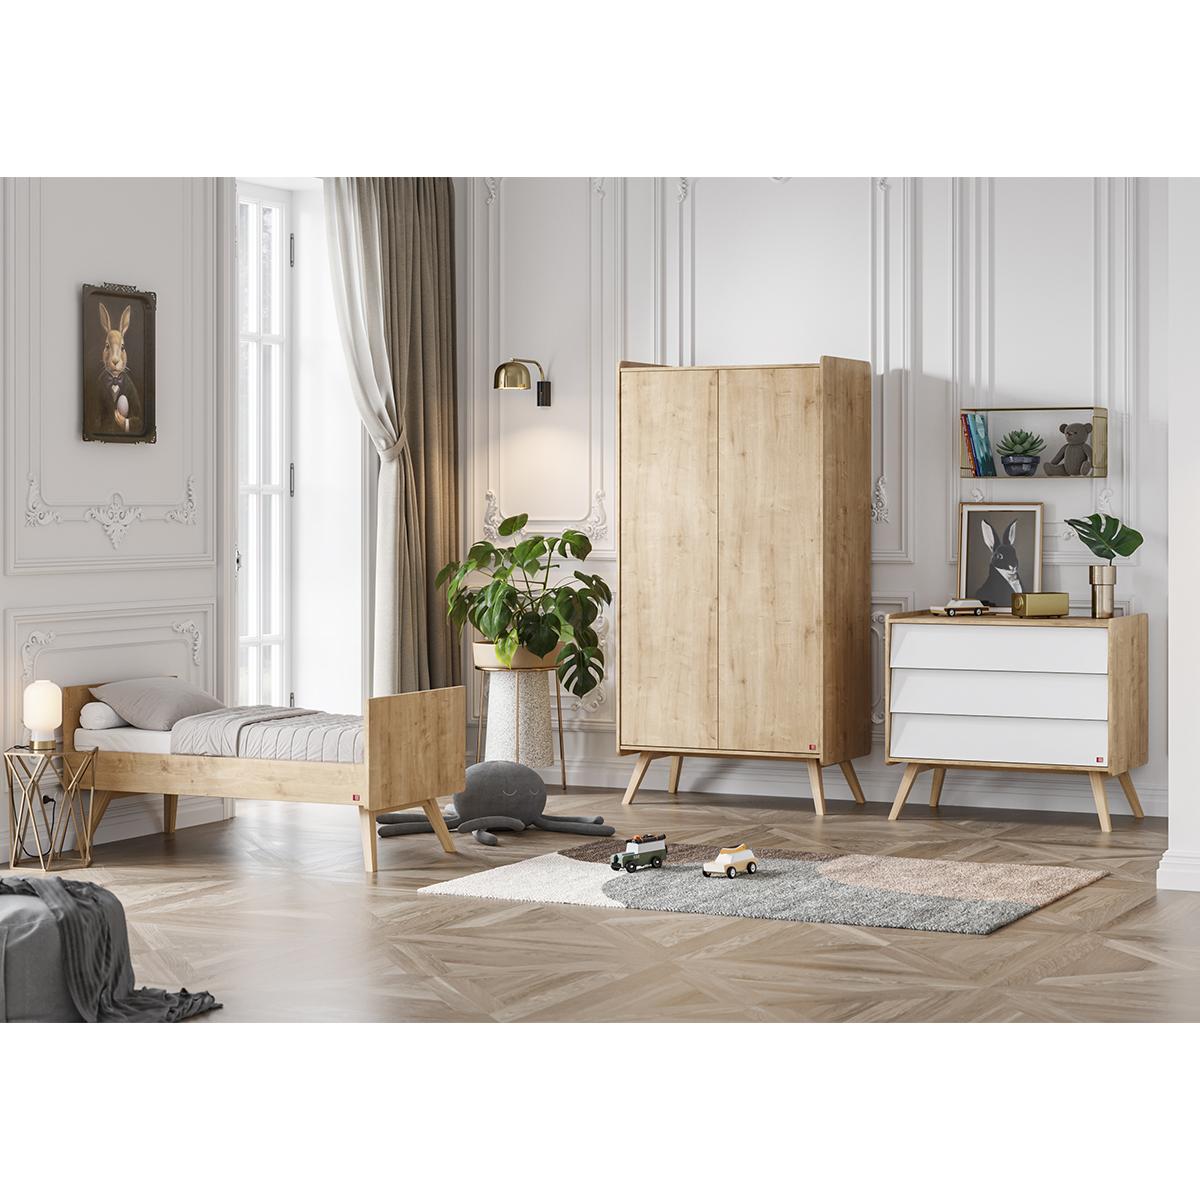 Chambre complète lit évolutif 70x140 - commode à langer - armoire 2 portes Vox Vintage - Bois Blanc